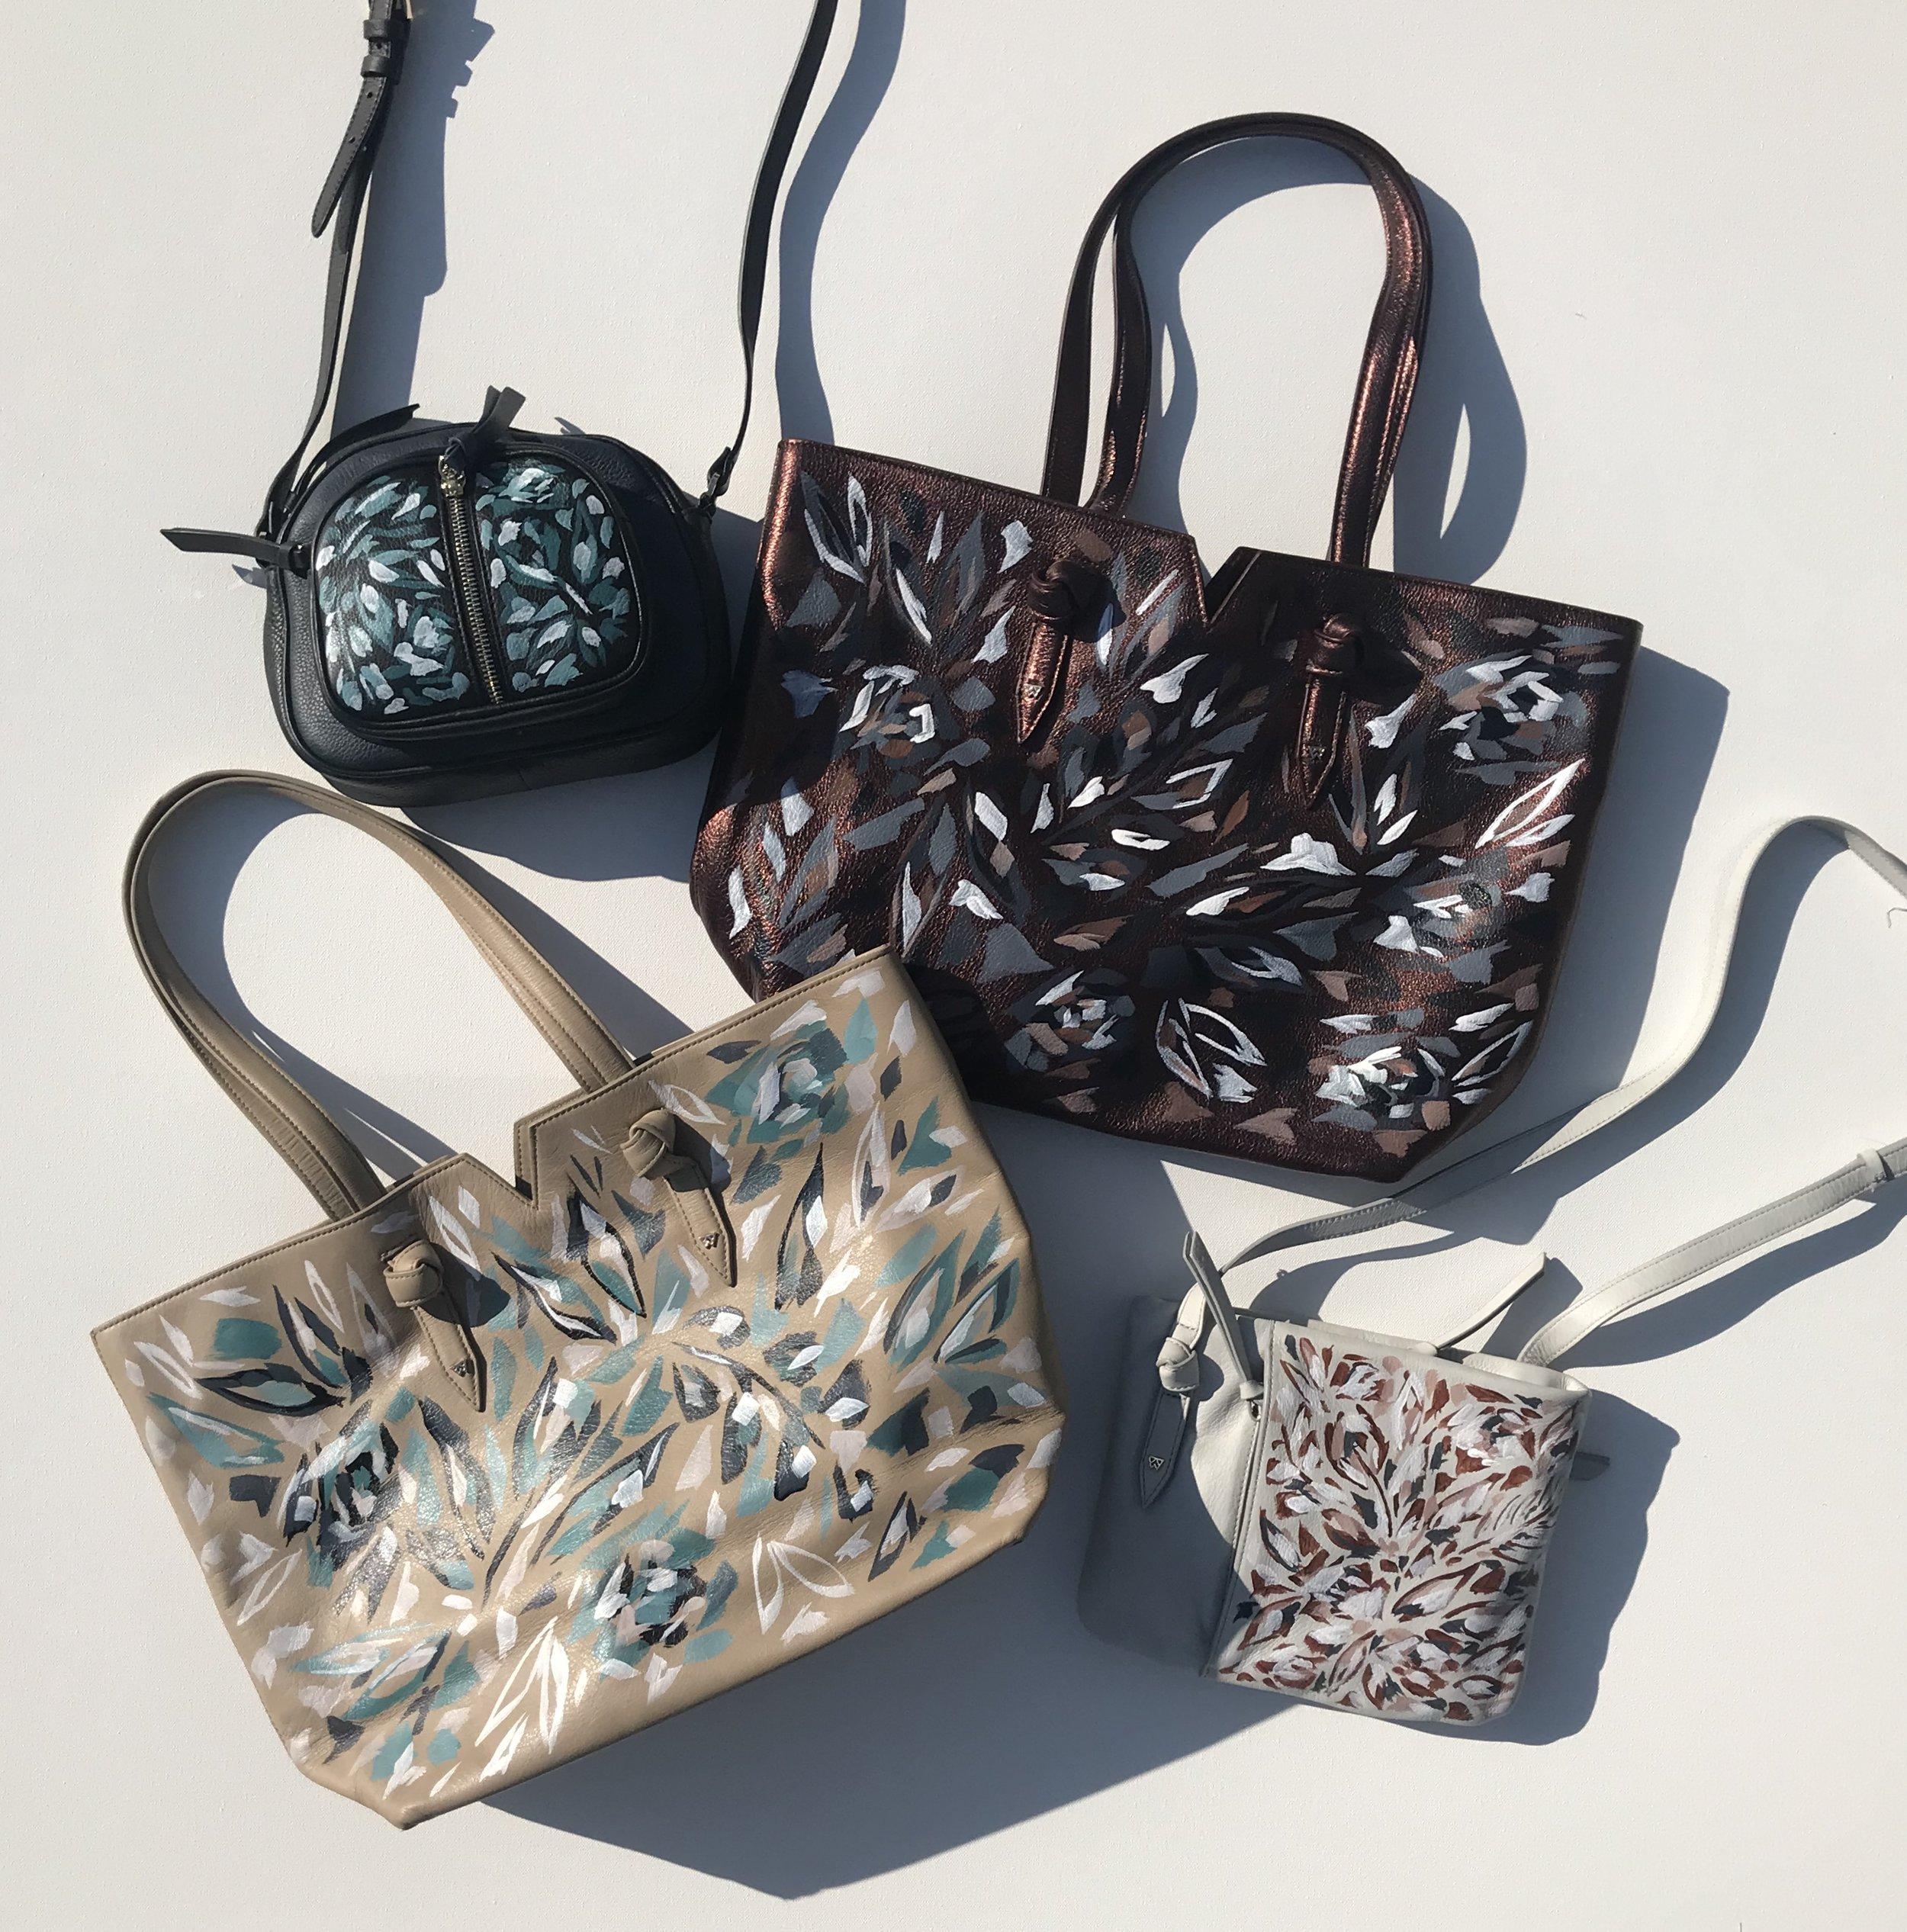 Kelly Wynne Handbags x TFP